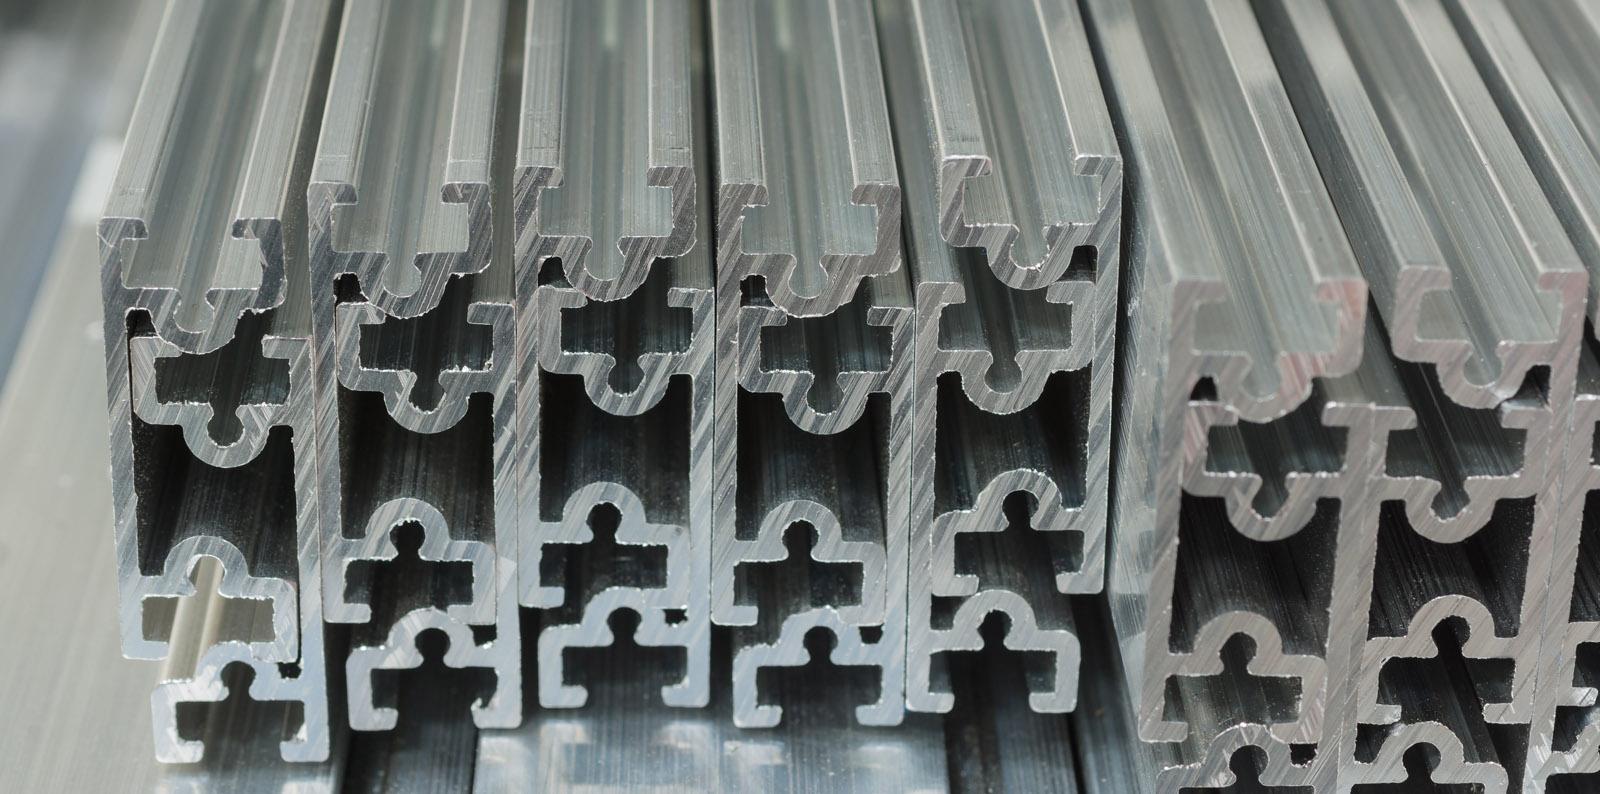 Image of aluminium extrusions